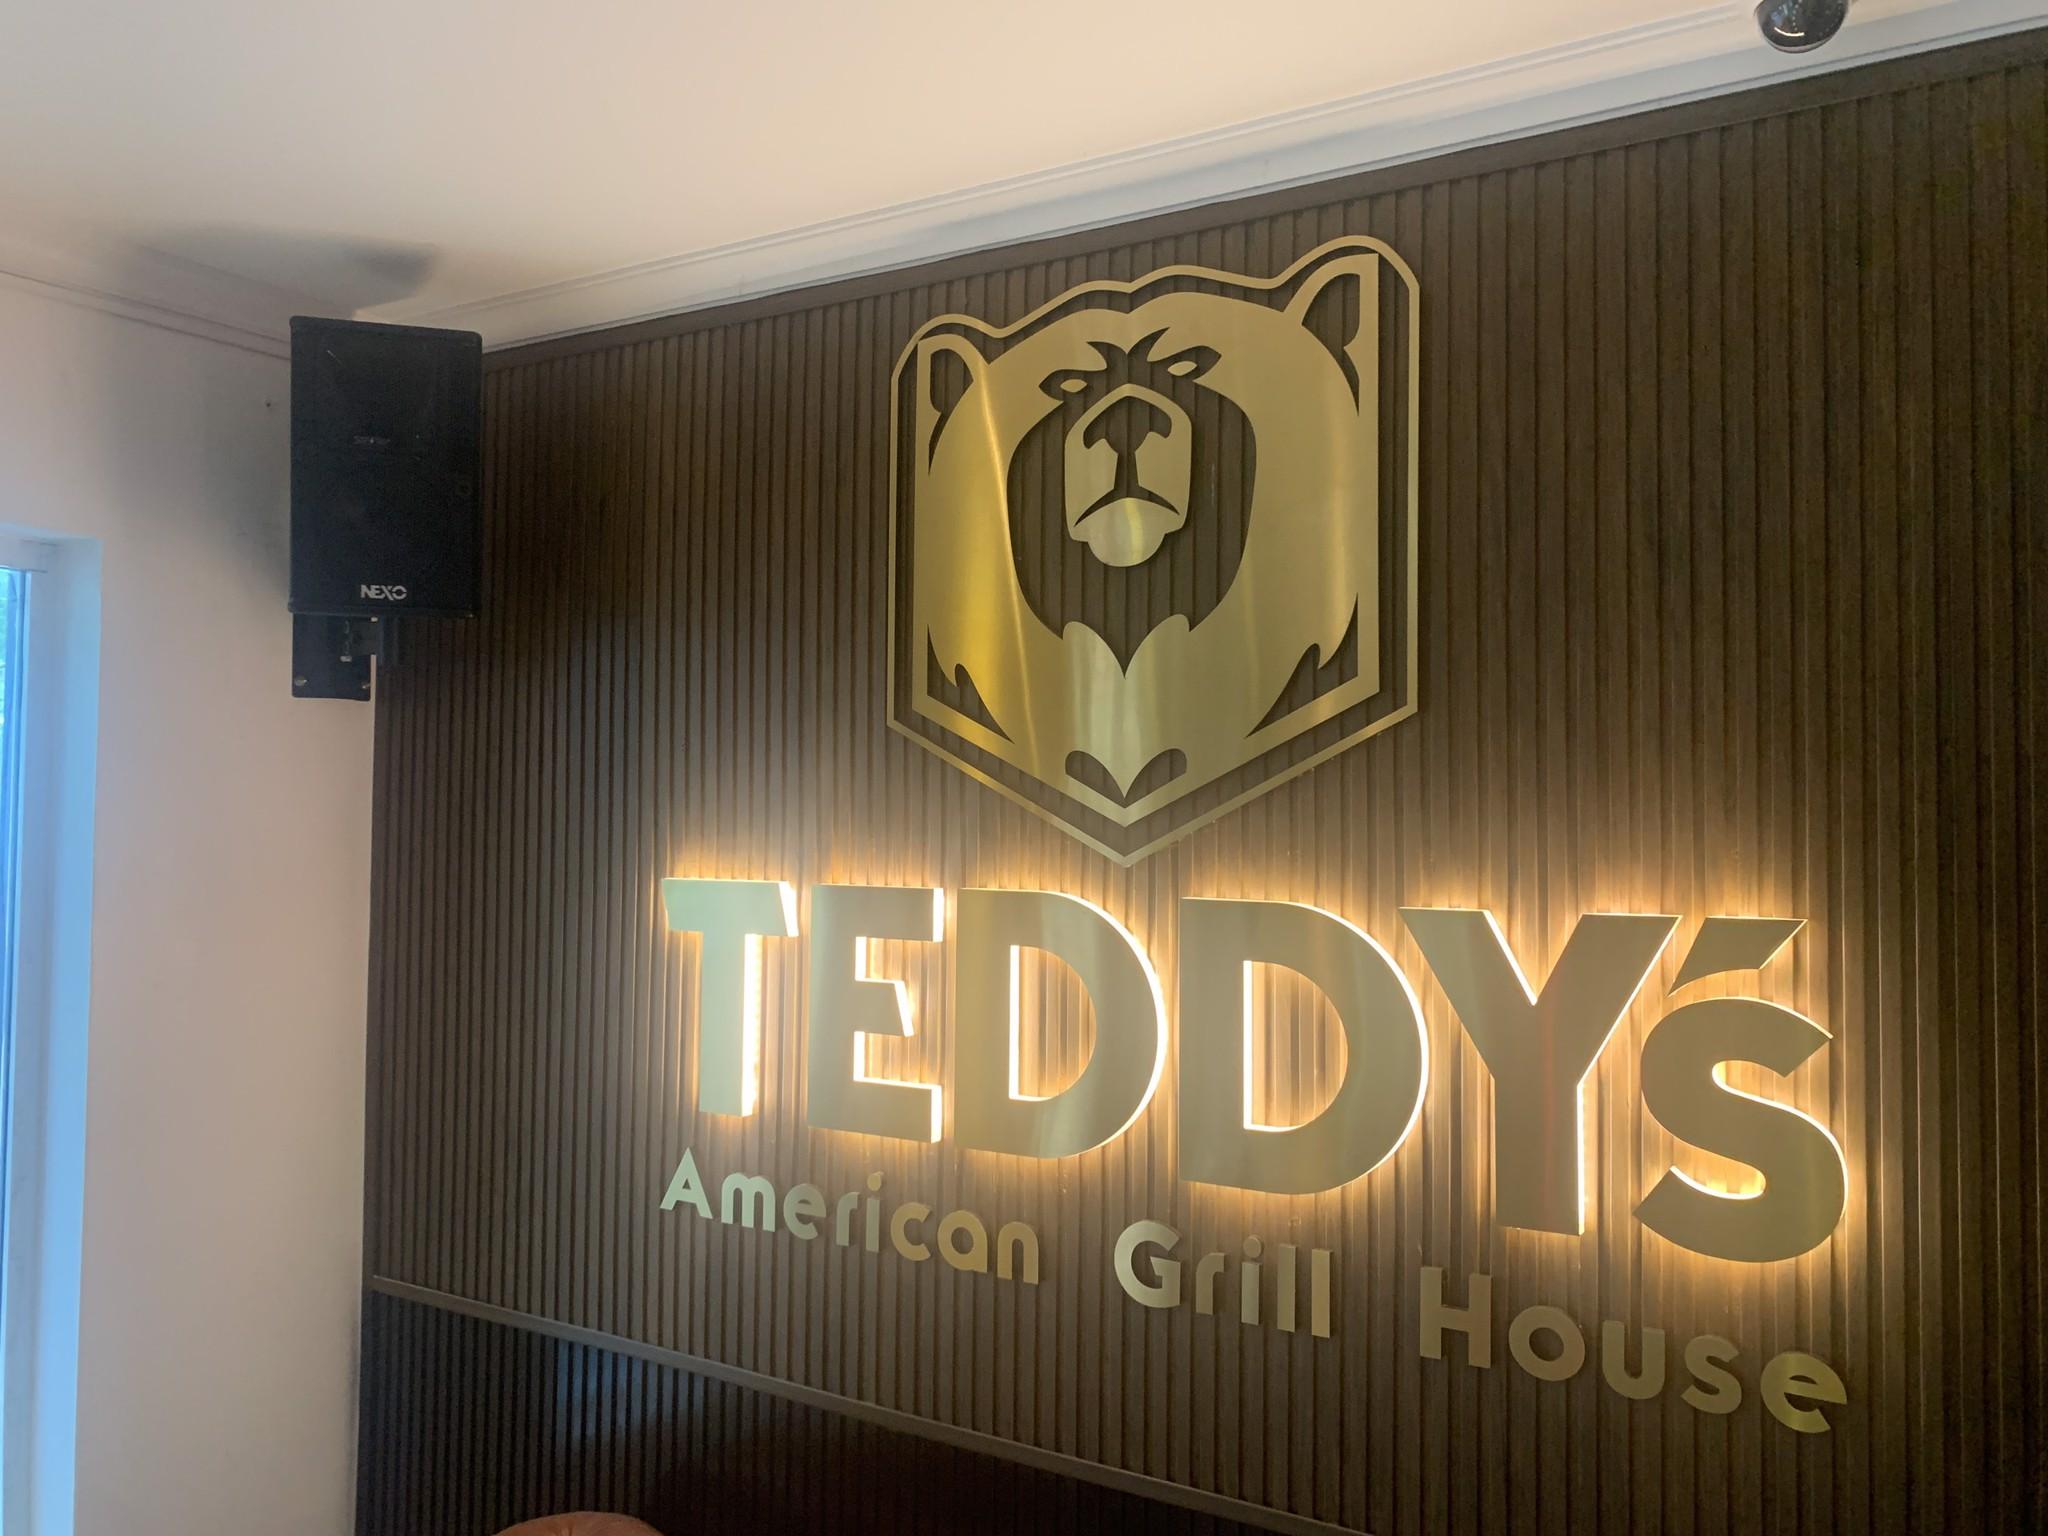 Hệ thống âm thanh Nexo cao cấp cho Pub Teddy 51 Lý Thường Kiệt